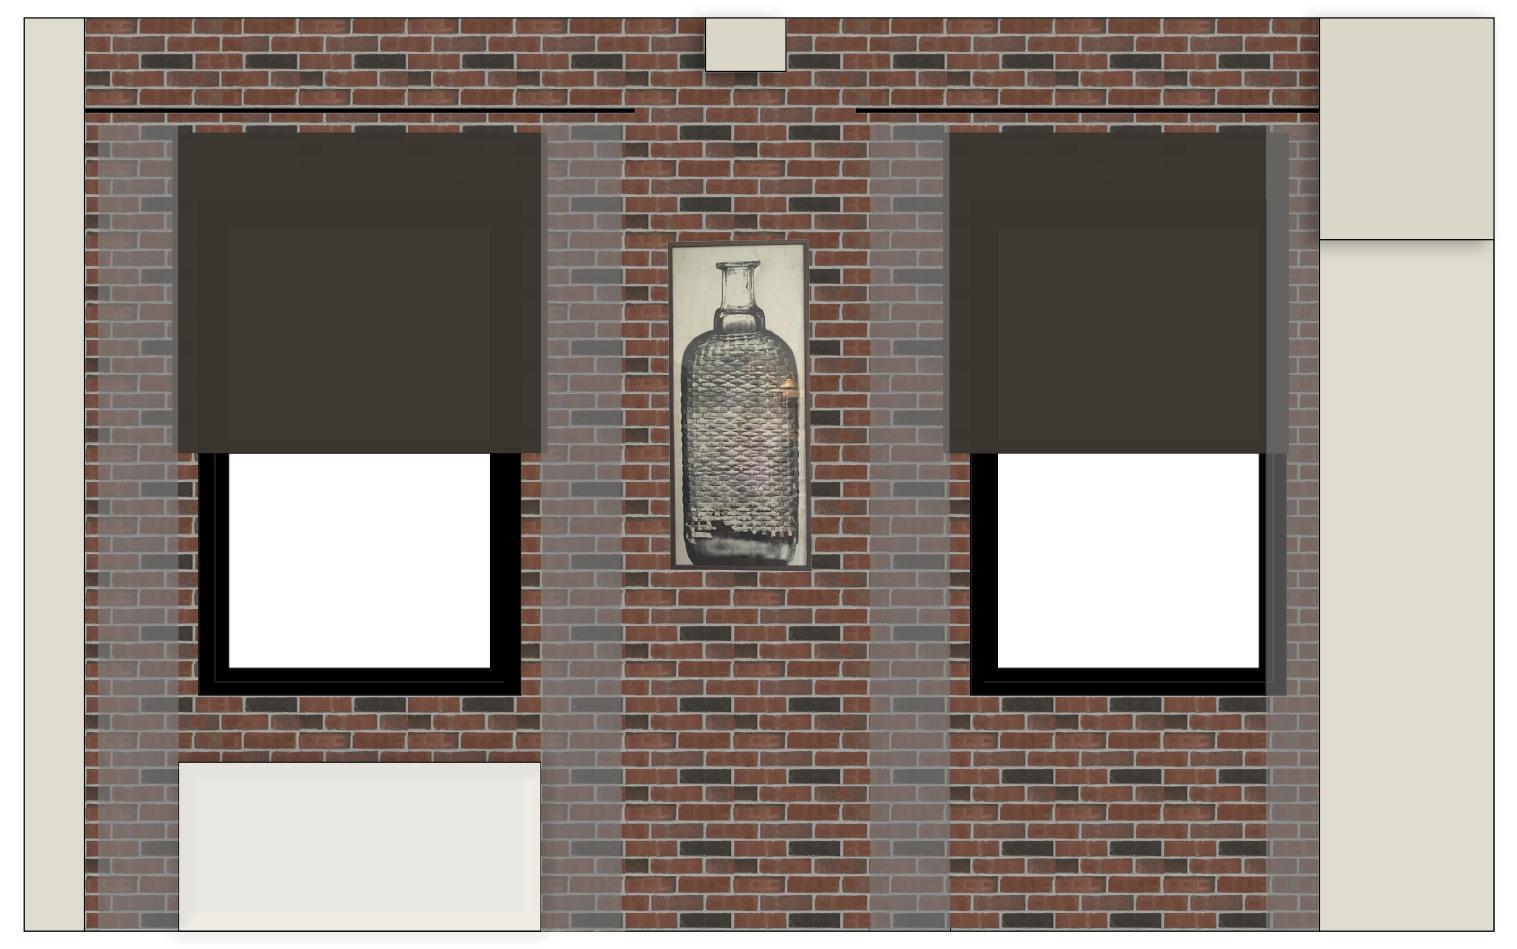 Industrial-style-window-treatments-final.jpg